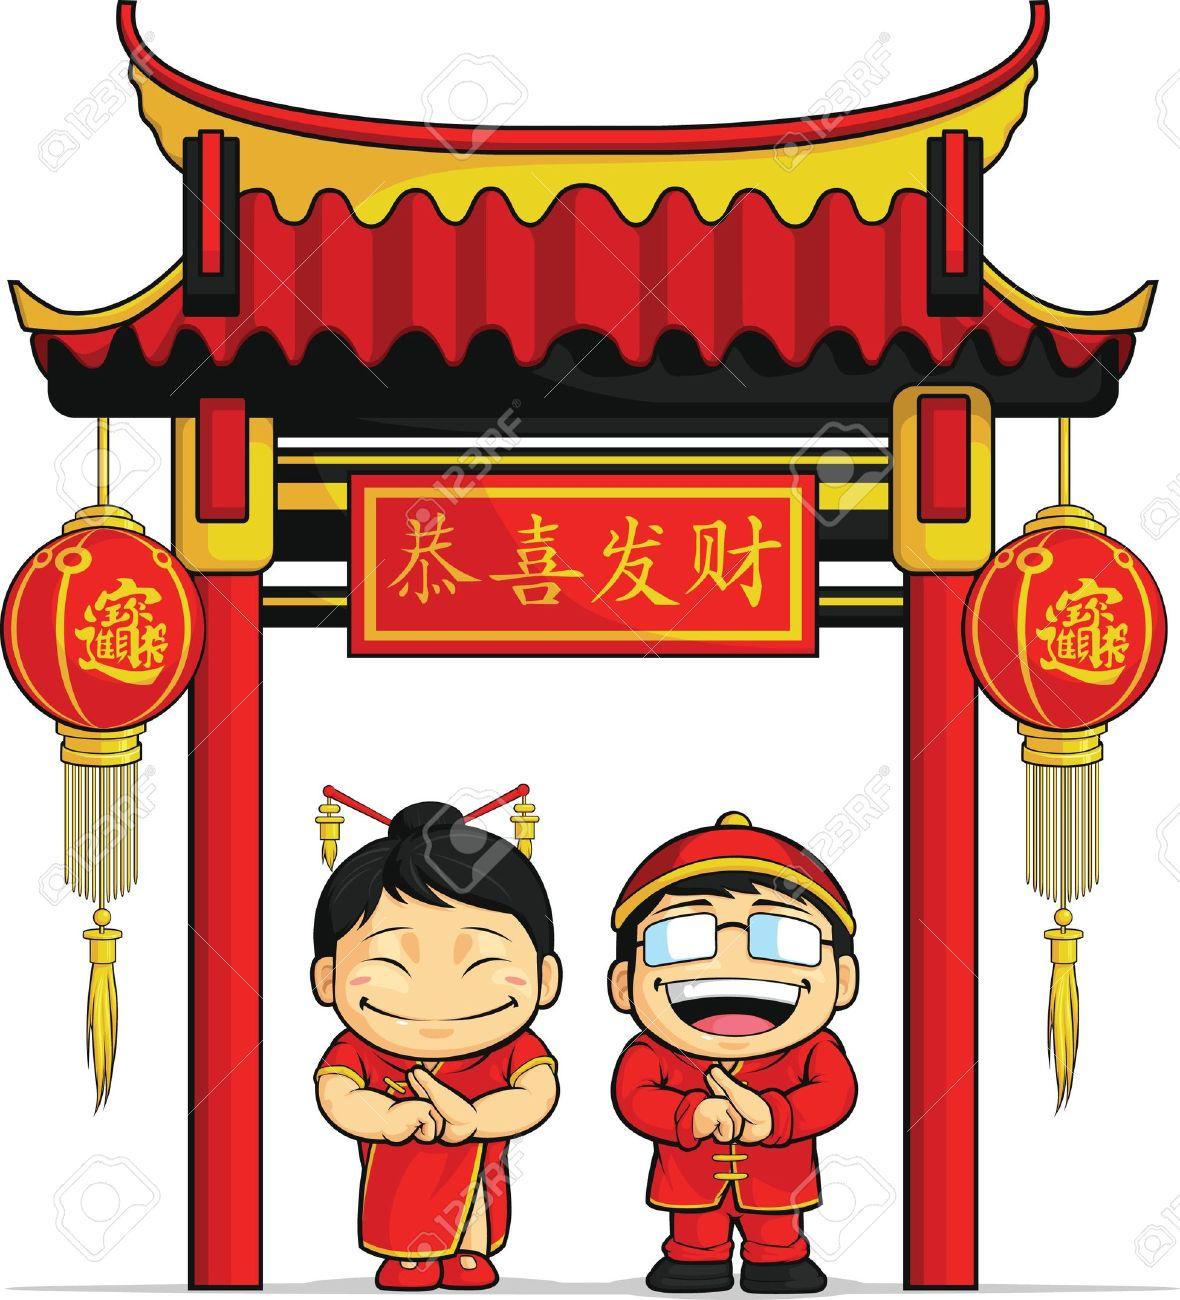 Dessin Animé De Garçon Et Fille De Voeux Du Nouvel An Chinois Clip